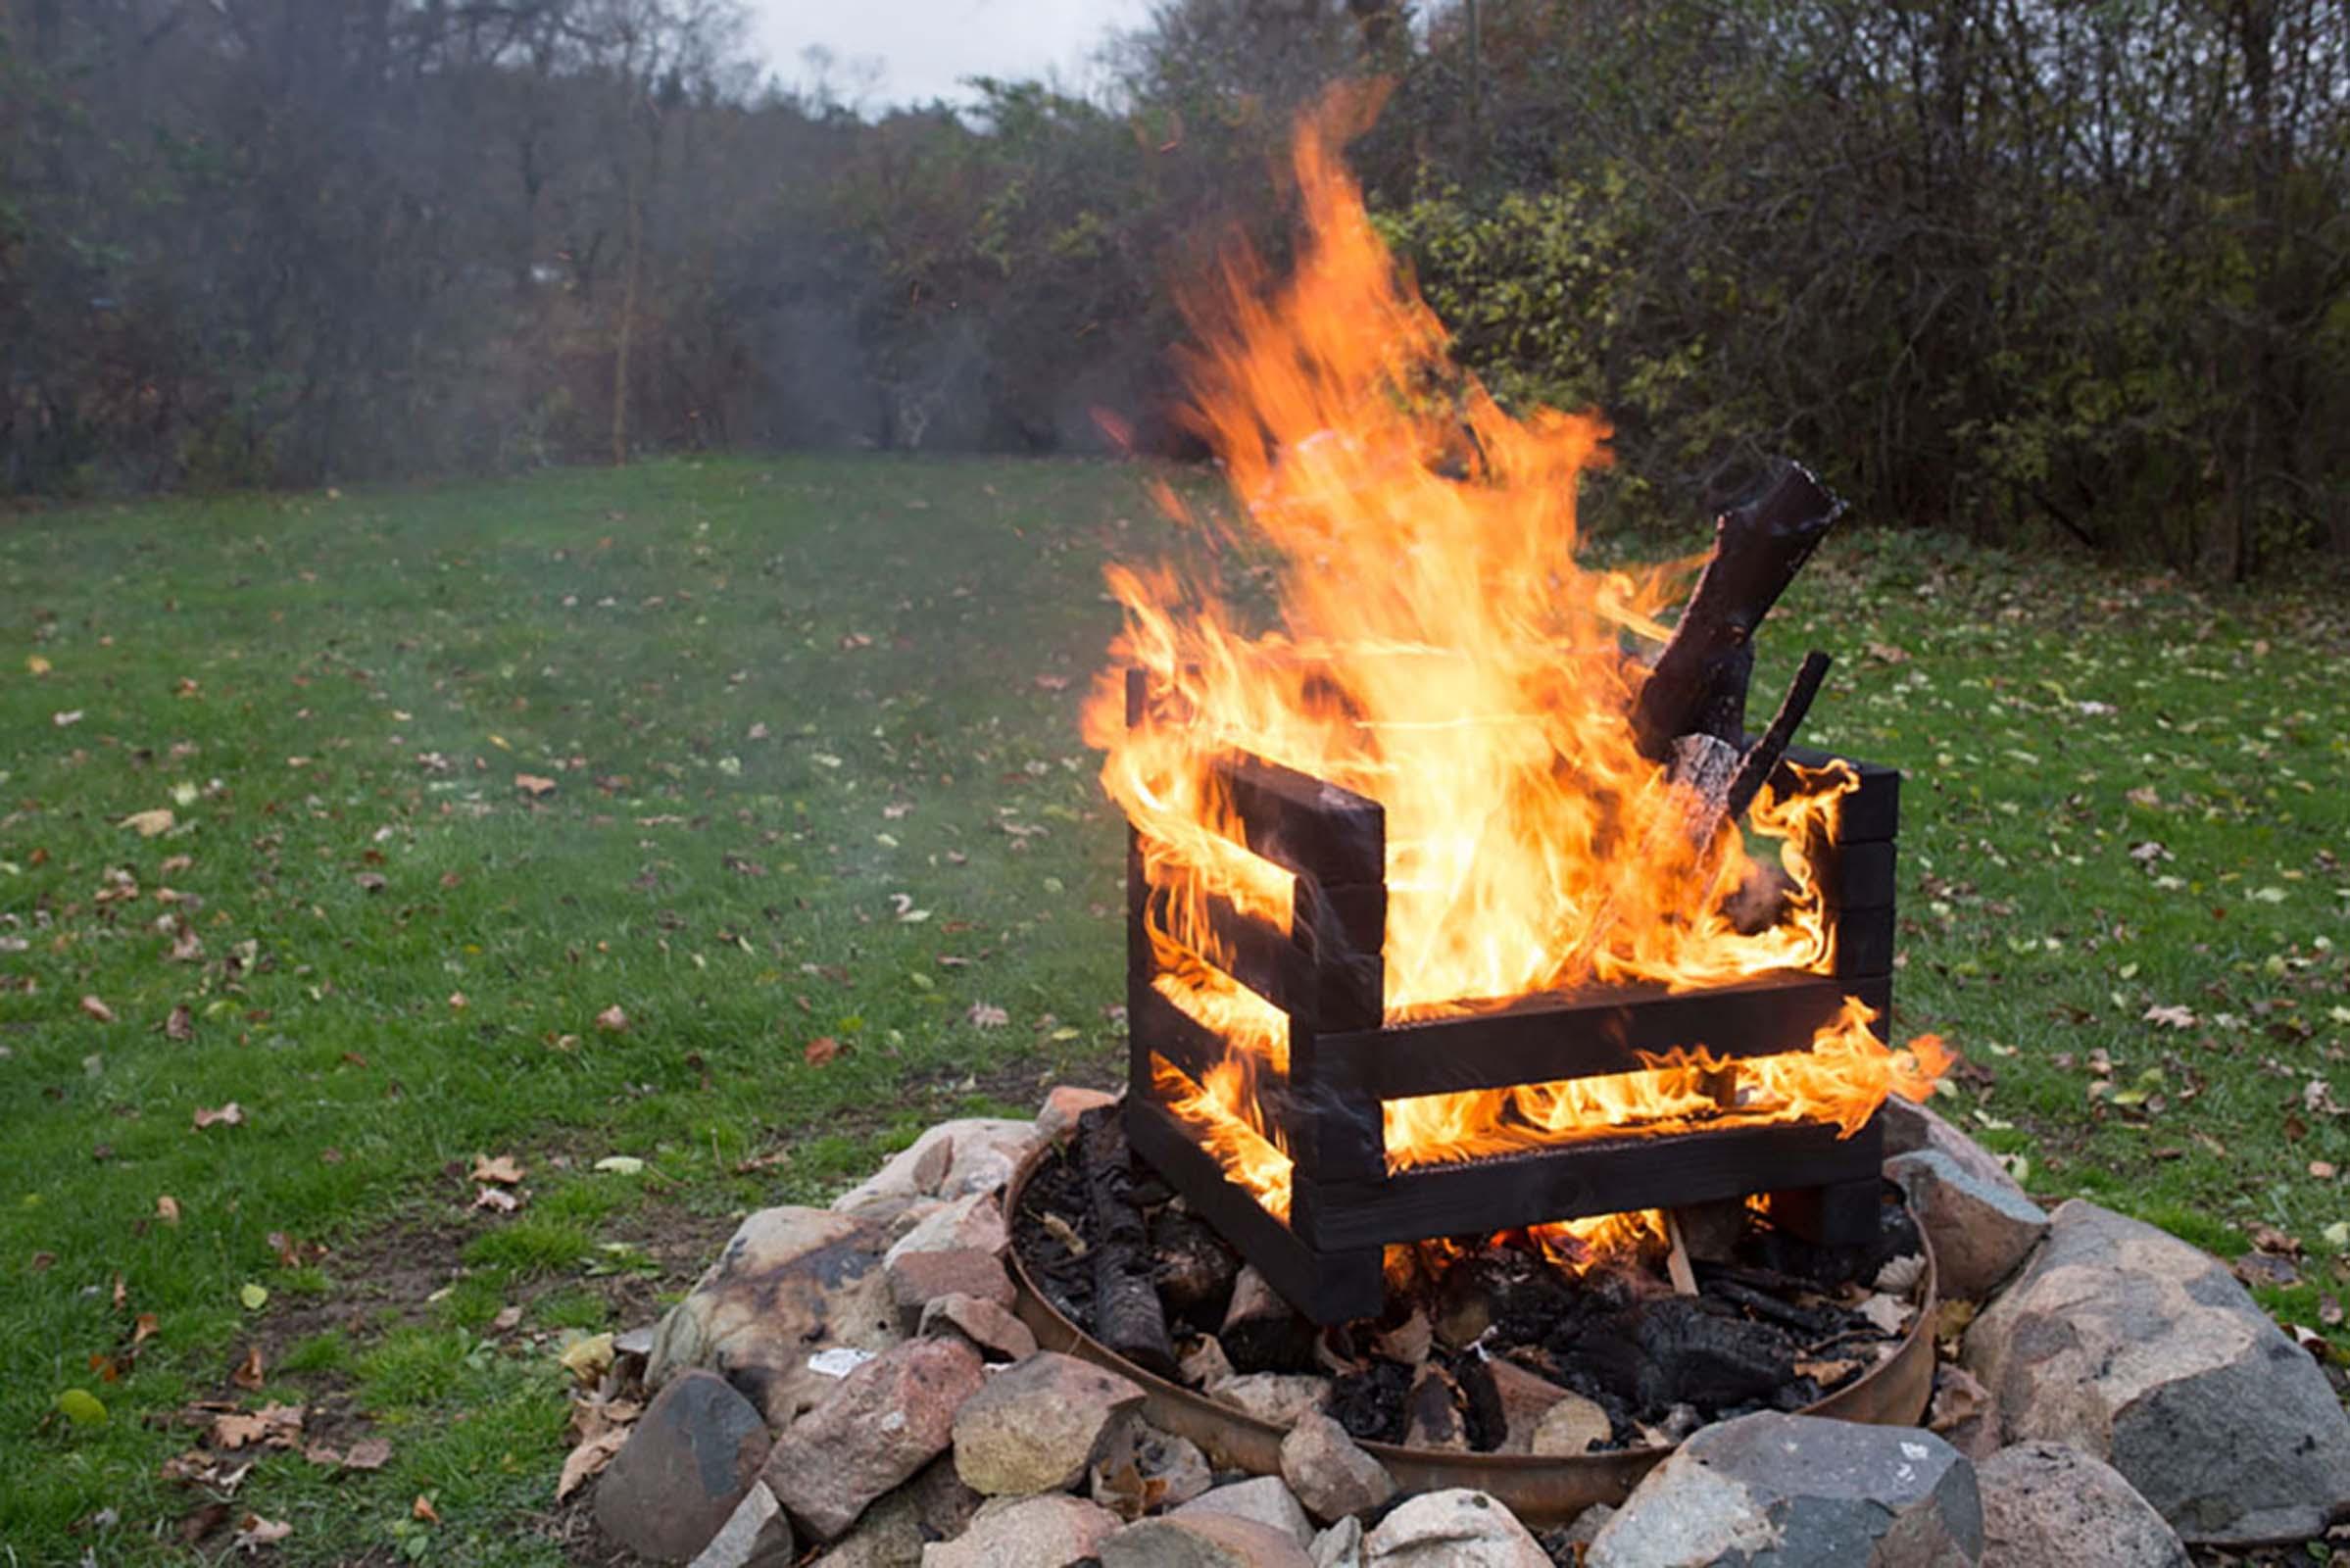 chair on fire.jpg